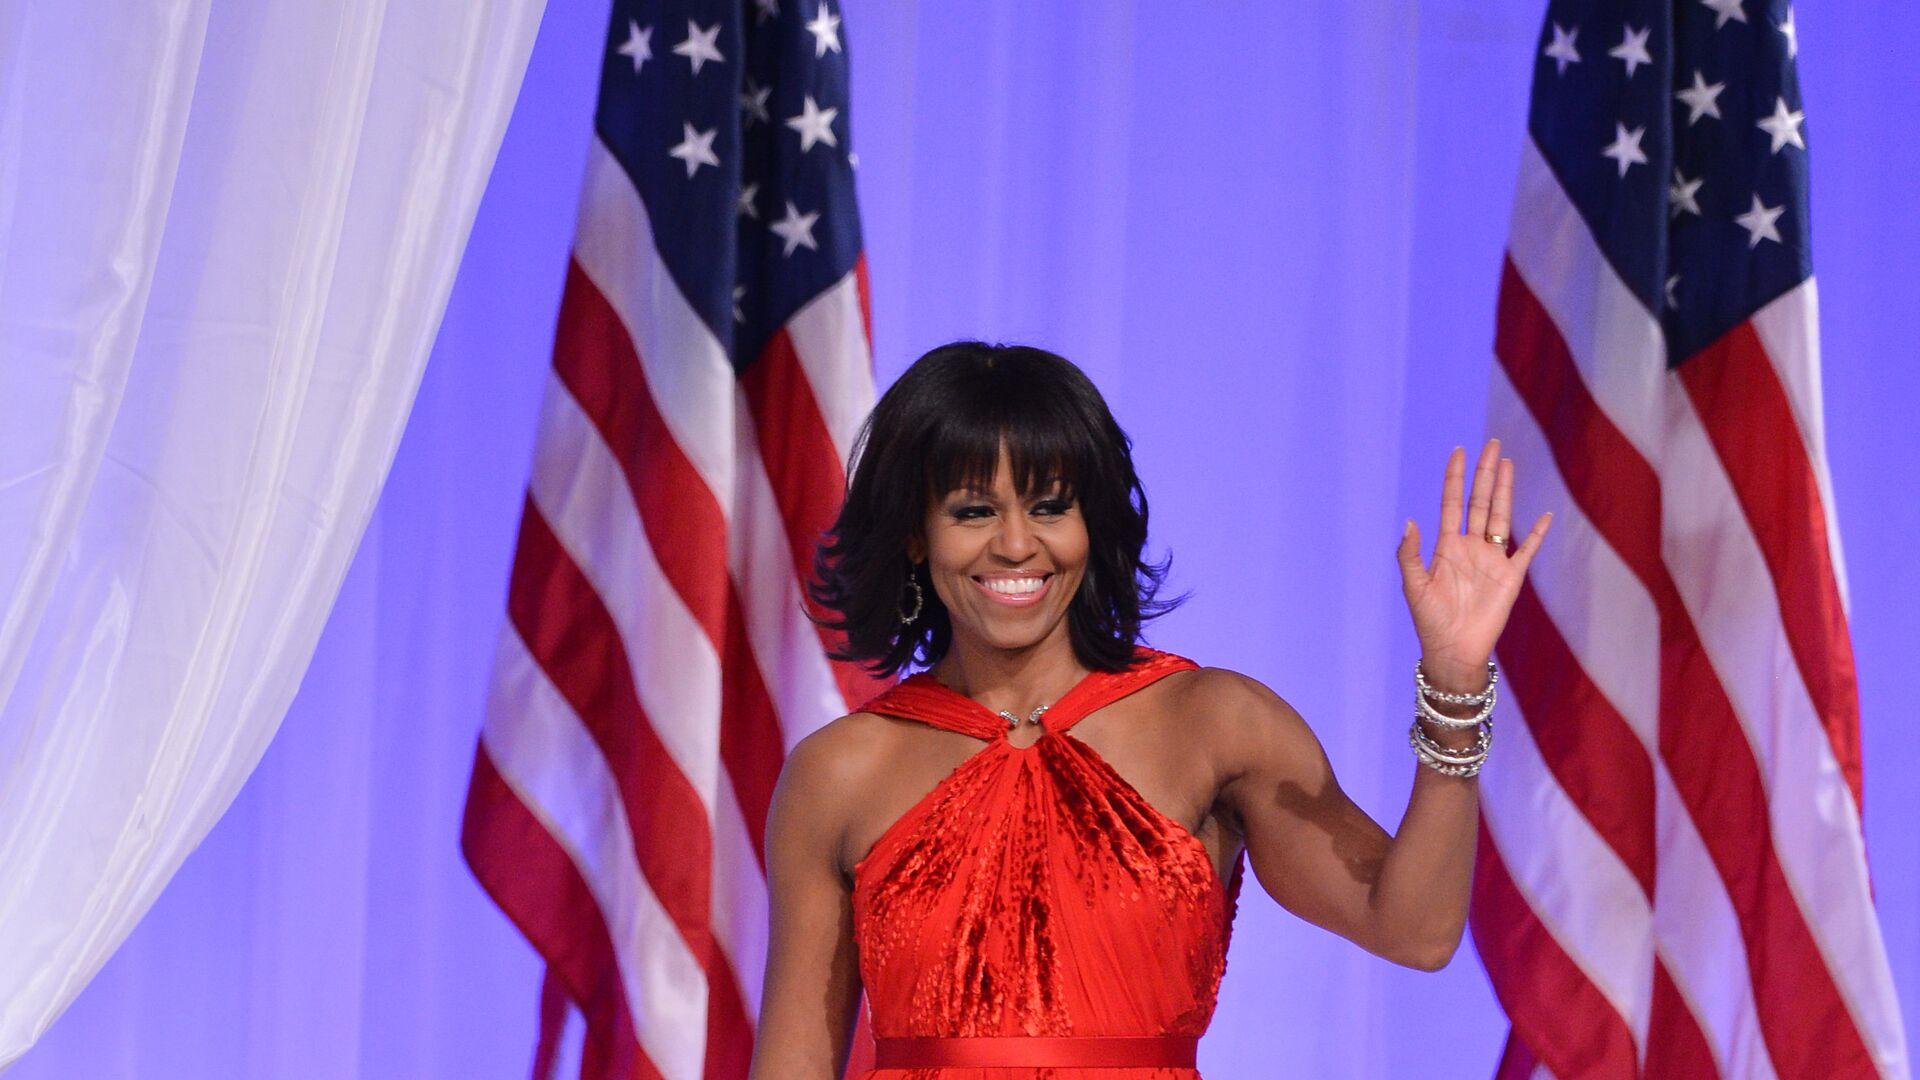 Первая леди Мишель Обама танцуют на торжественном балу - РИА Новости, 1920, 08.01.2021